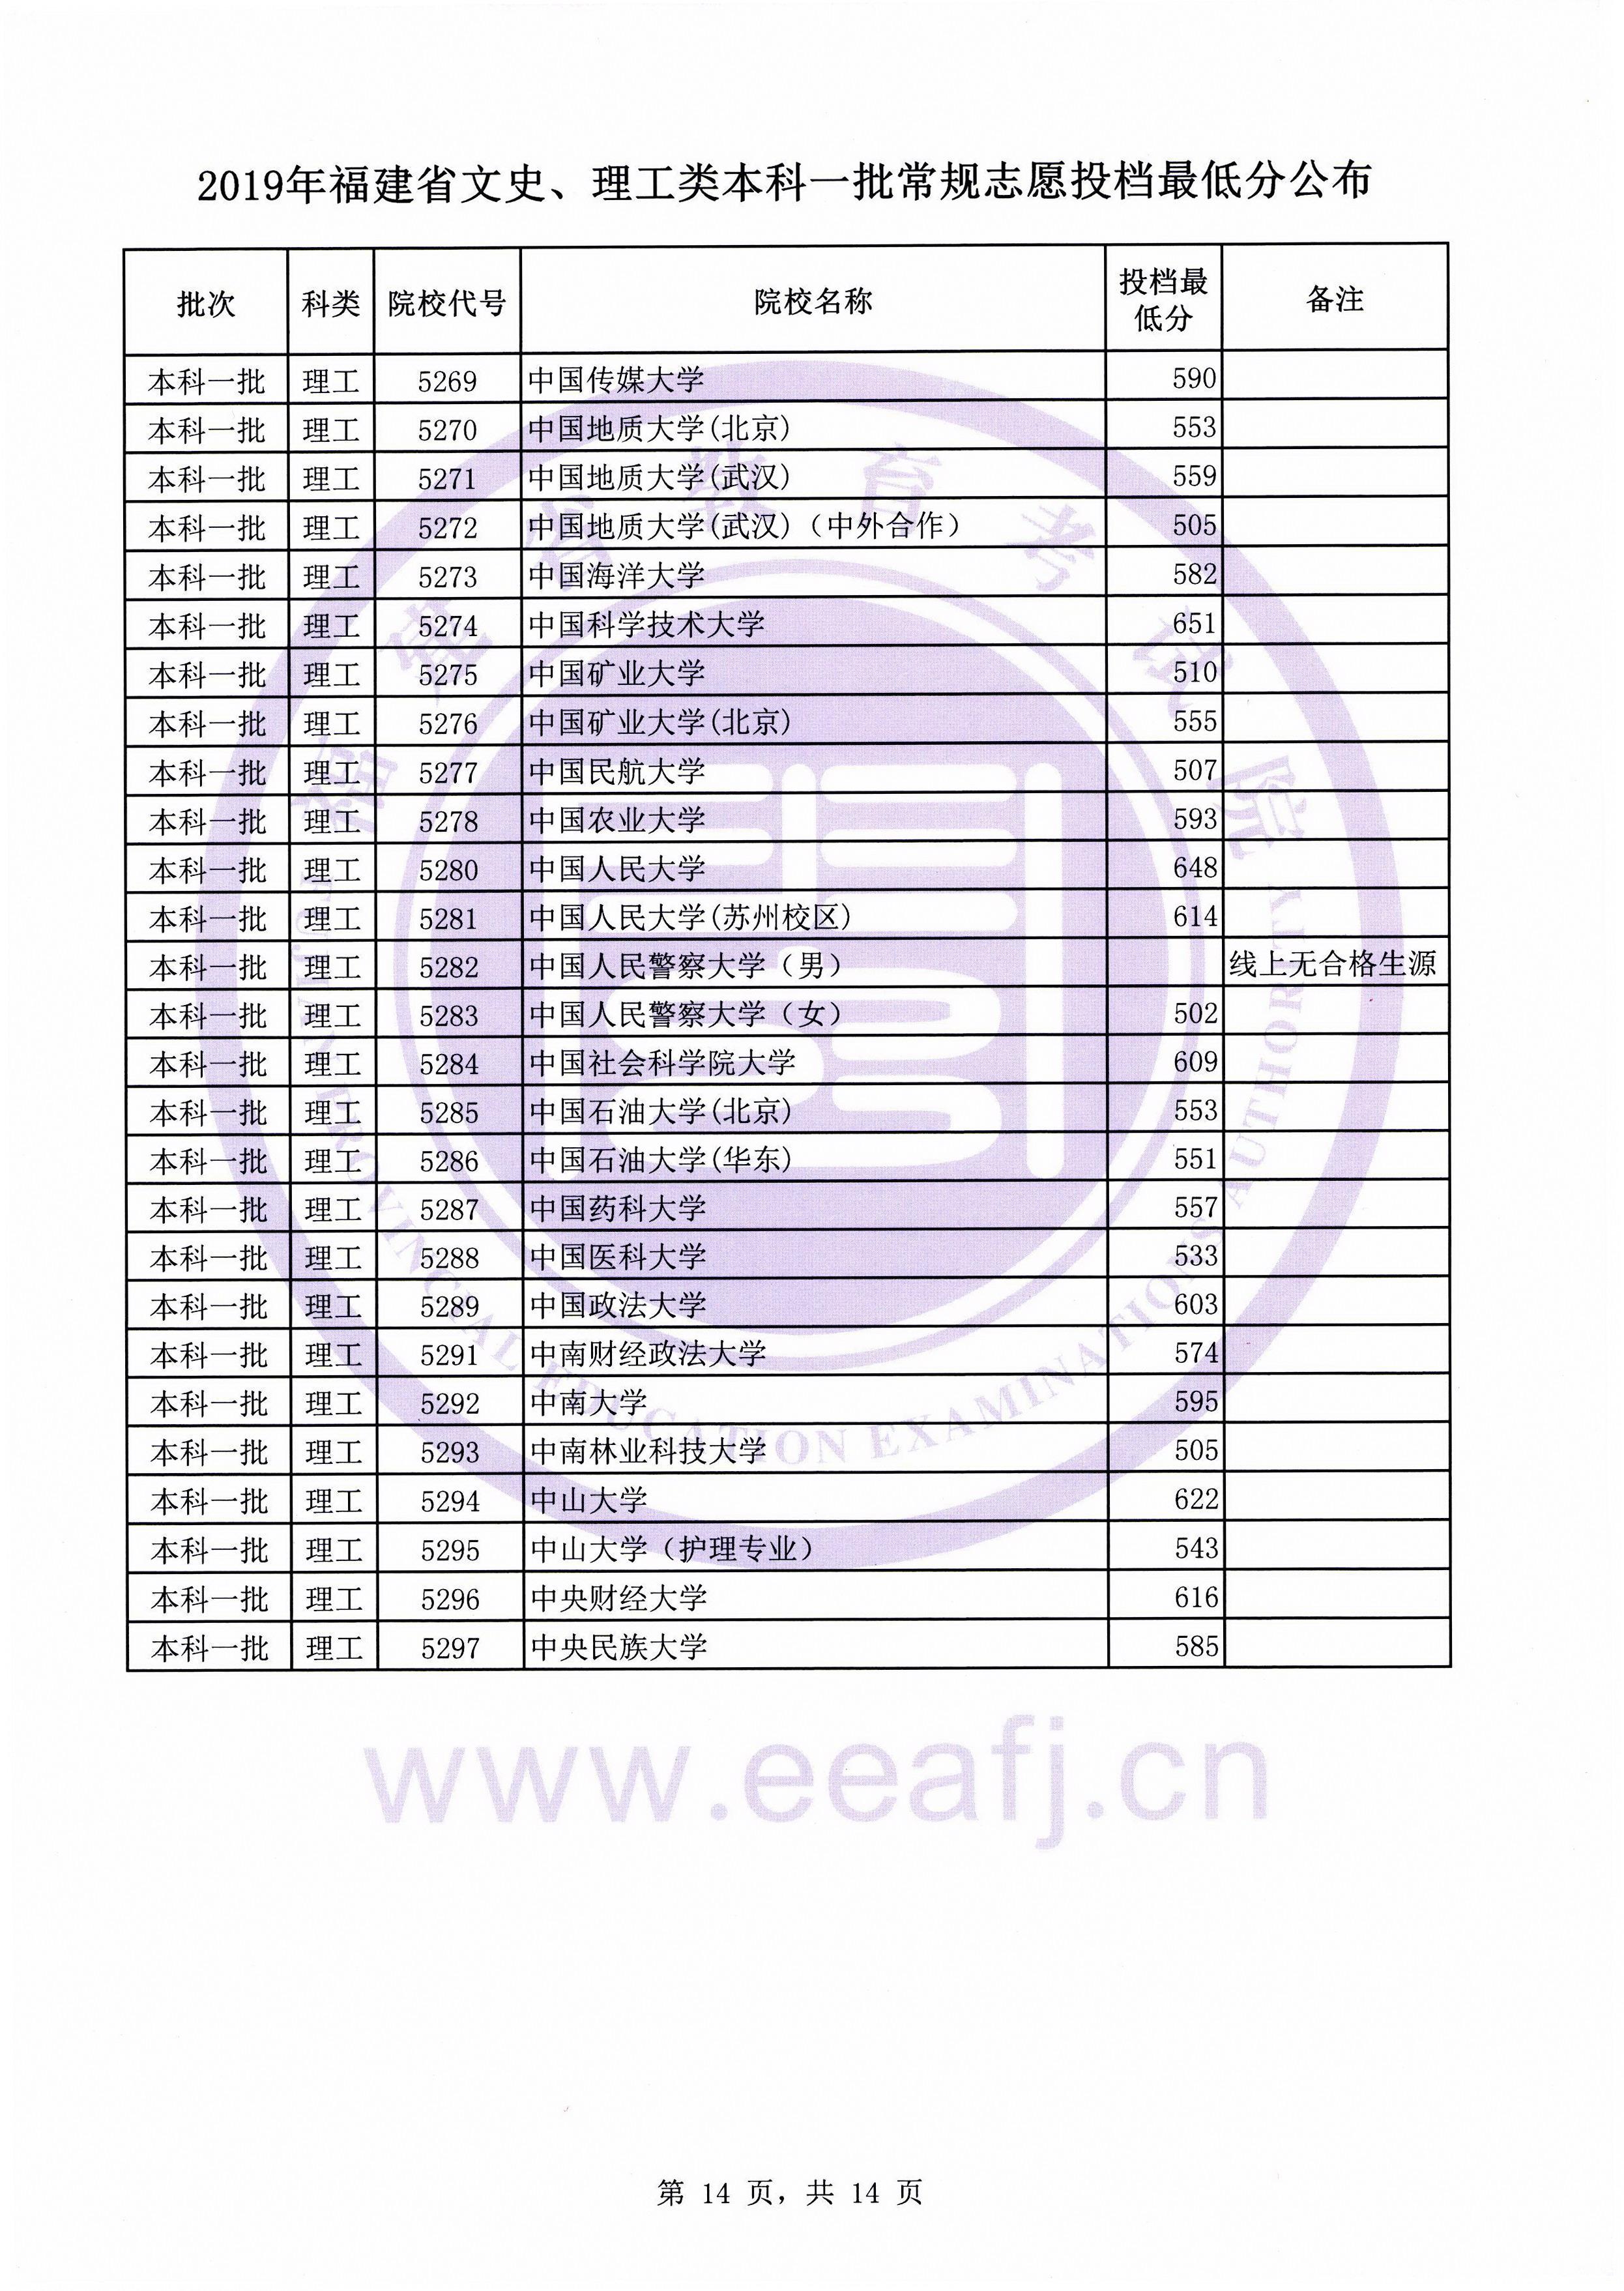 2019年福建省文史、理工类本科一批常规志愿投档最低分公布插图13